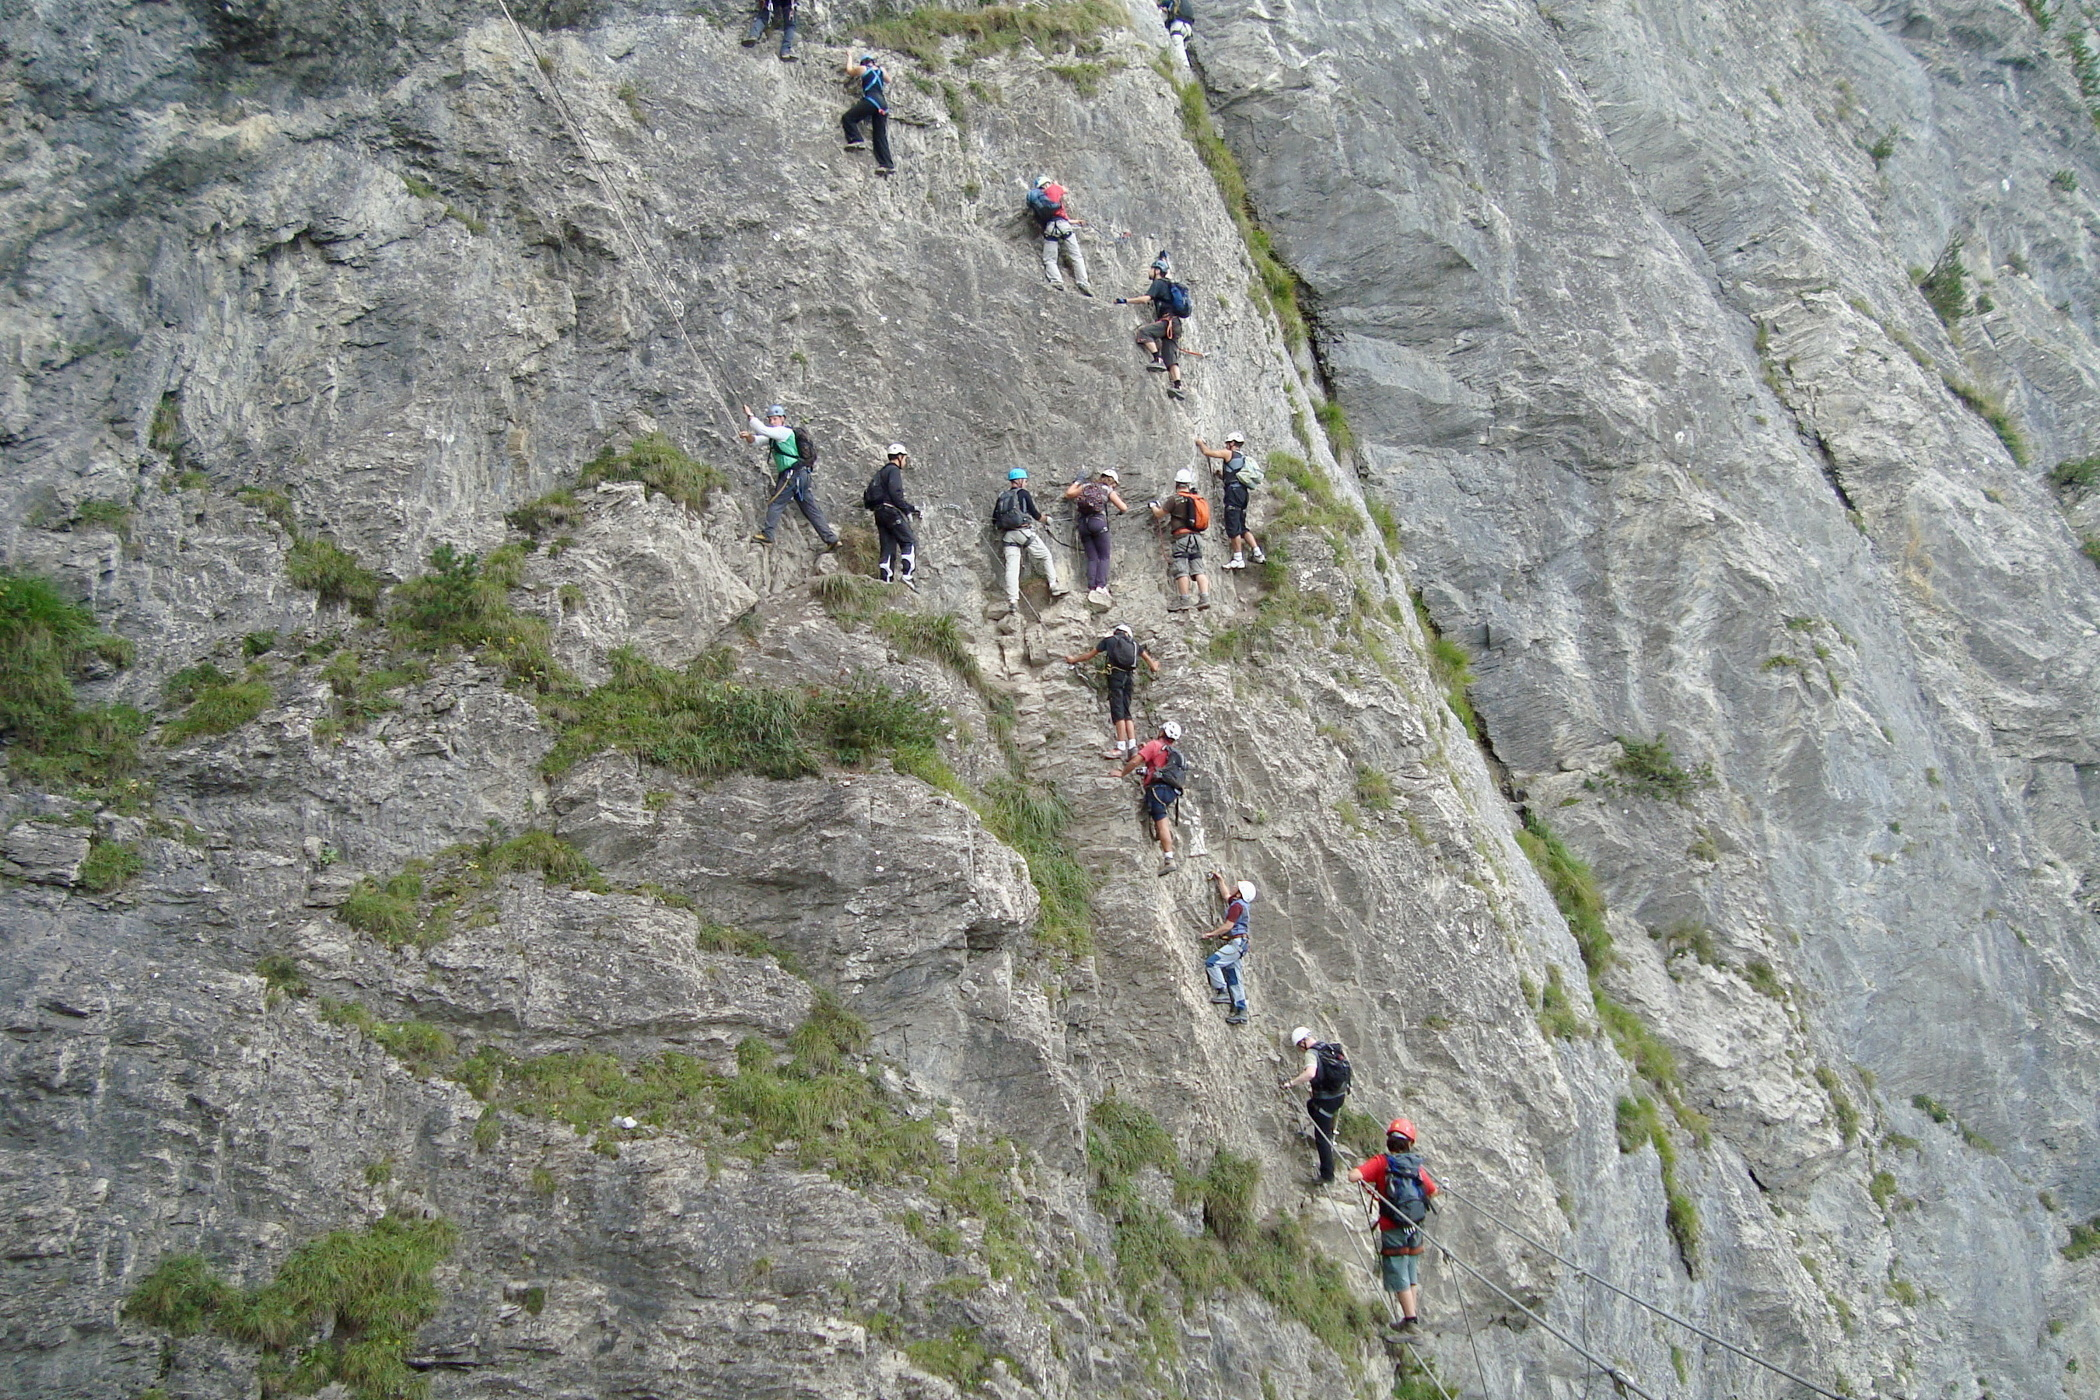 Klettersteig Allmenalp : Allmenalp